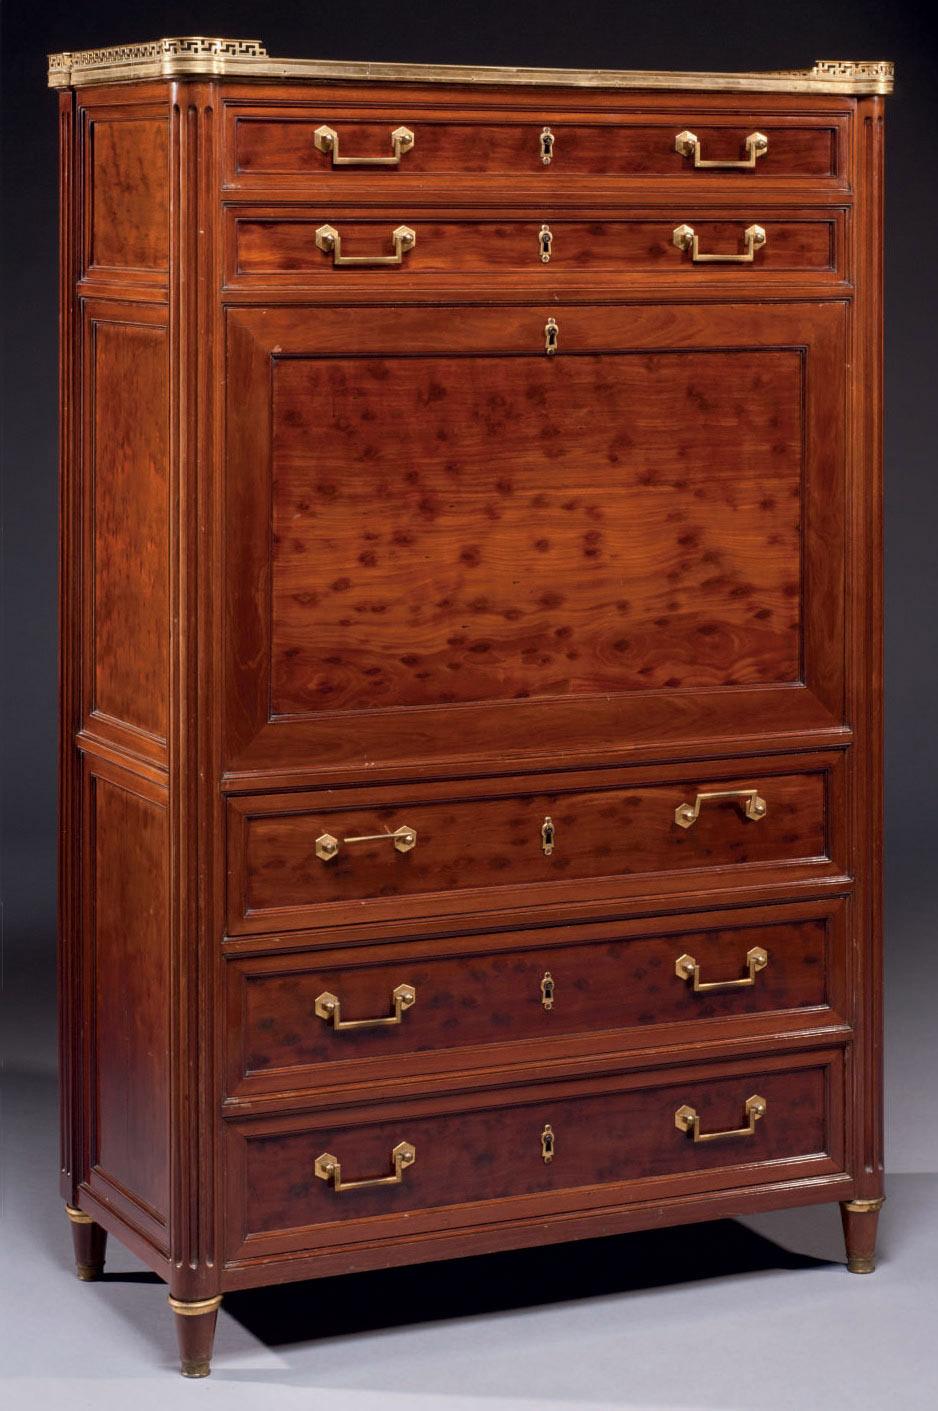 secretaire a abattant de la fin de l 39 epoque louis xvi estampille de louis moreau et biennais. Black Bedroom Furniture Sets. Home Design Ideas